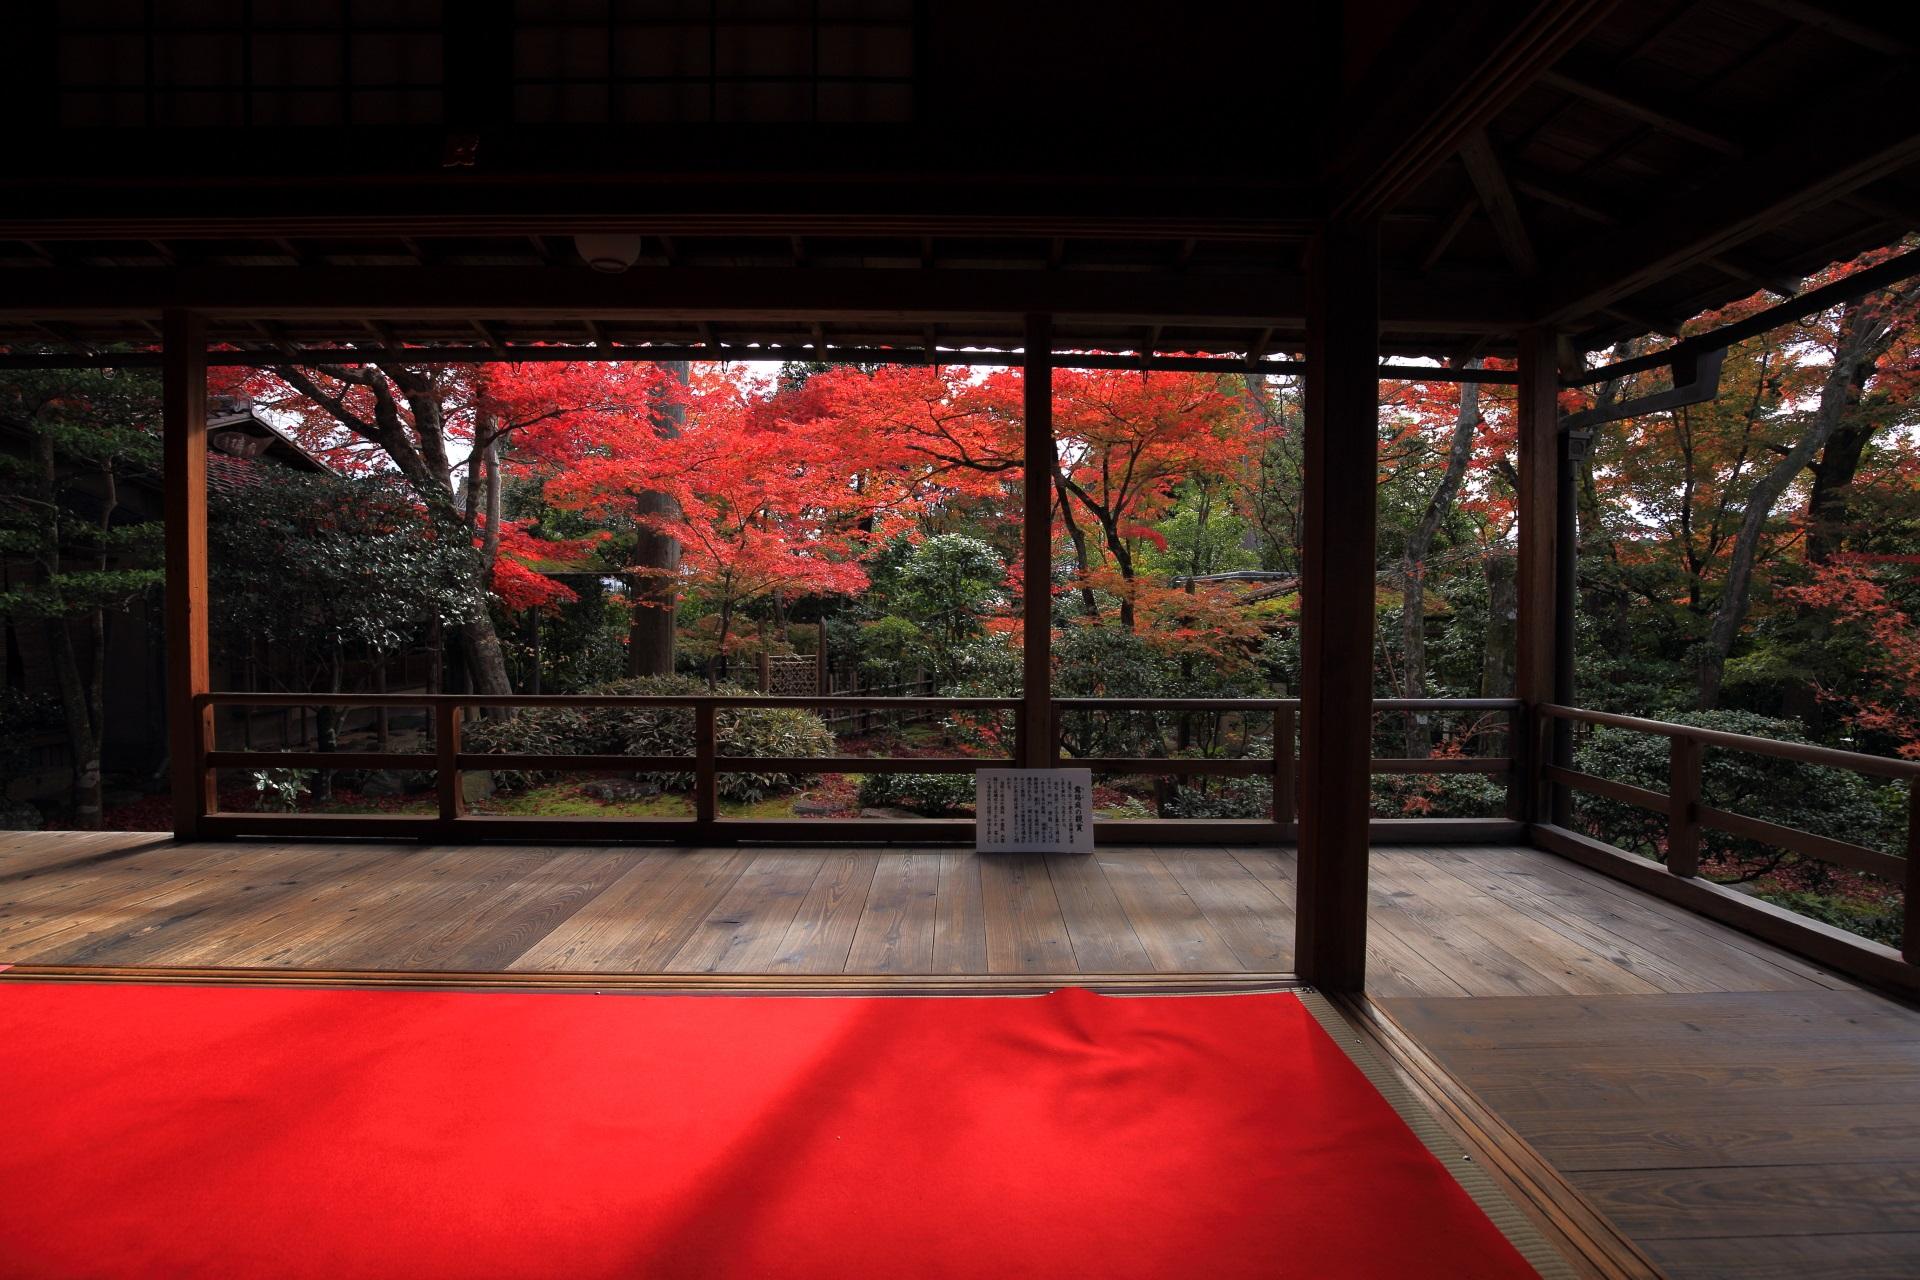 妙心寺大法院の鮮やかさと風情を兼ね備えた秋の光景